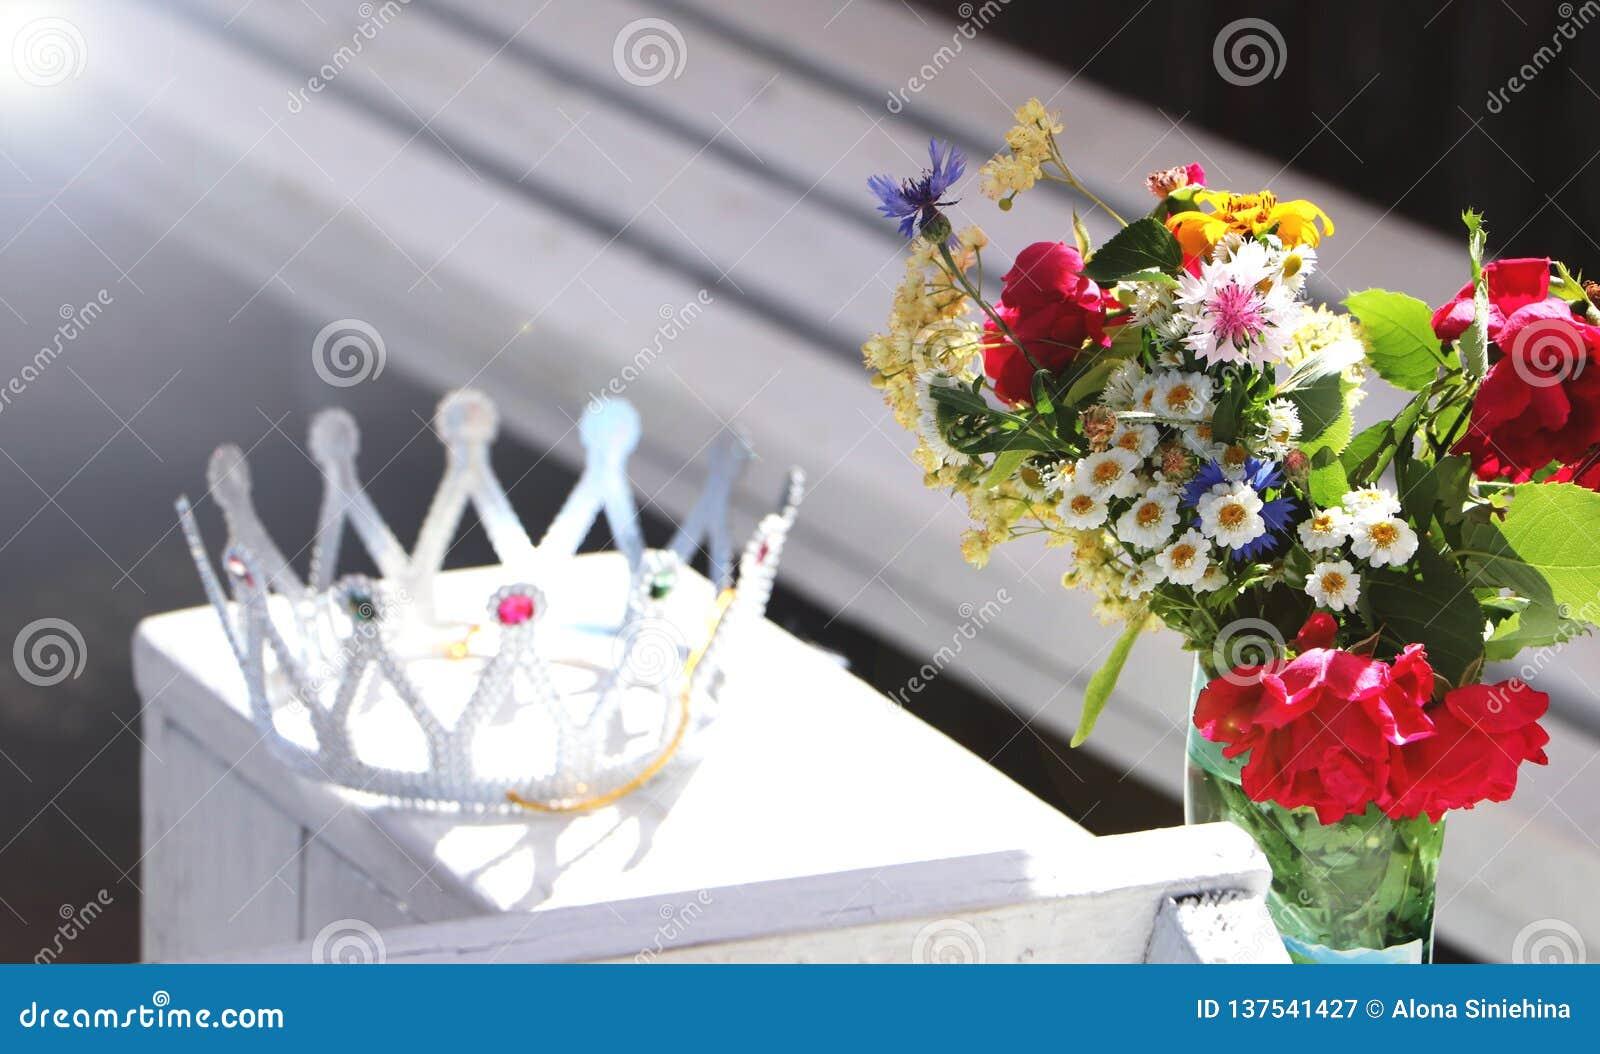 Corona hermosa y flores salvajes El concepto de un partido o de un cumpleaños de la soltera